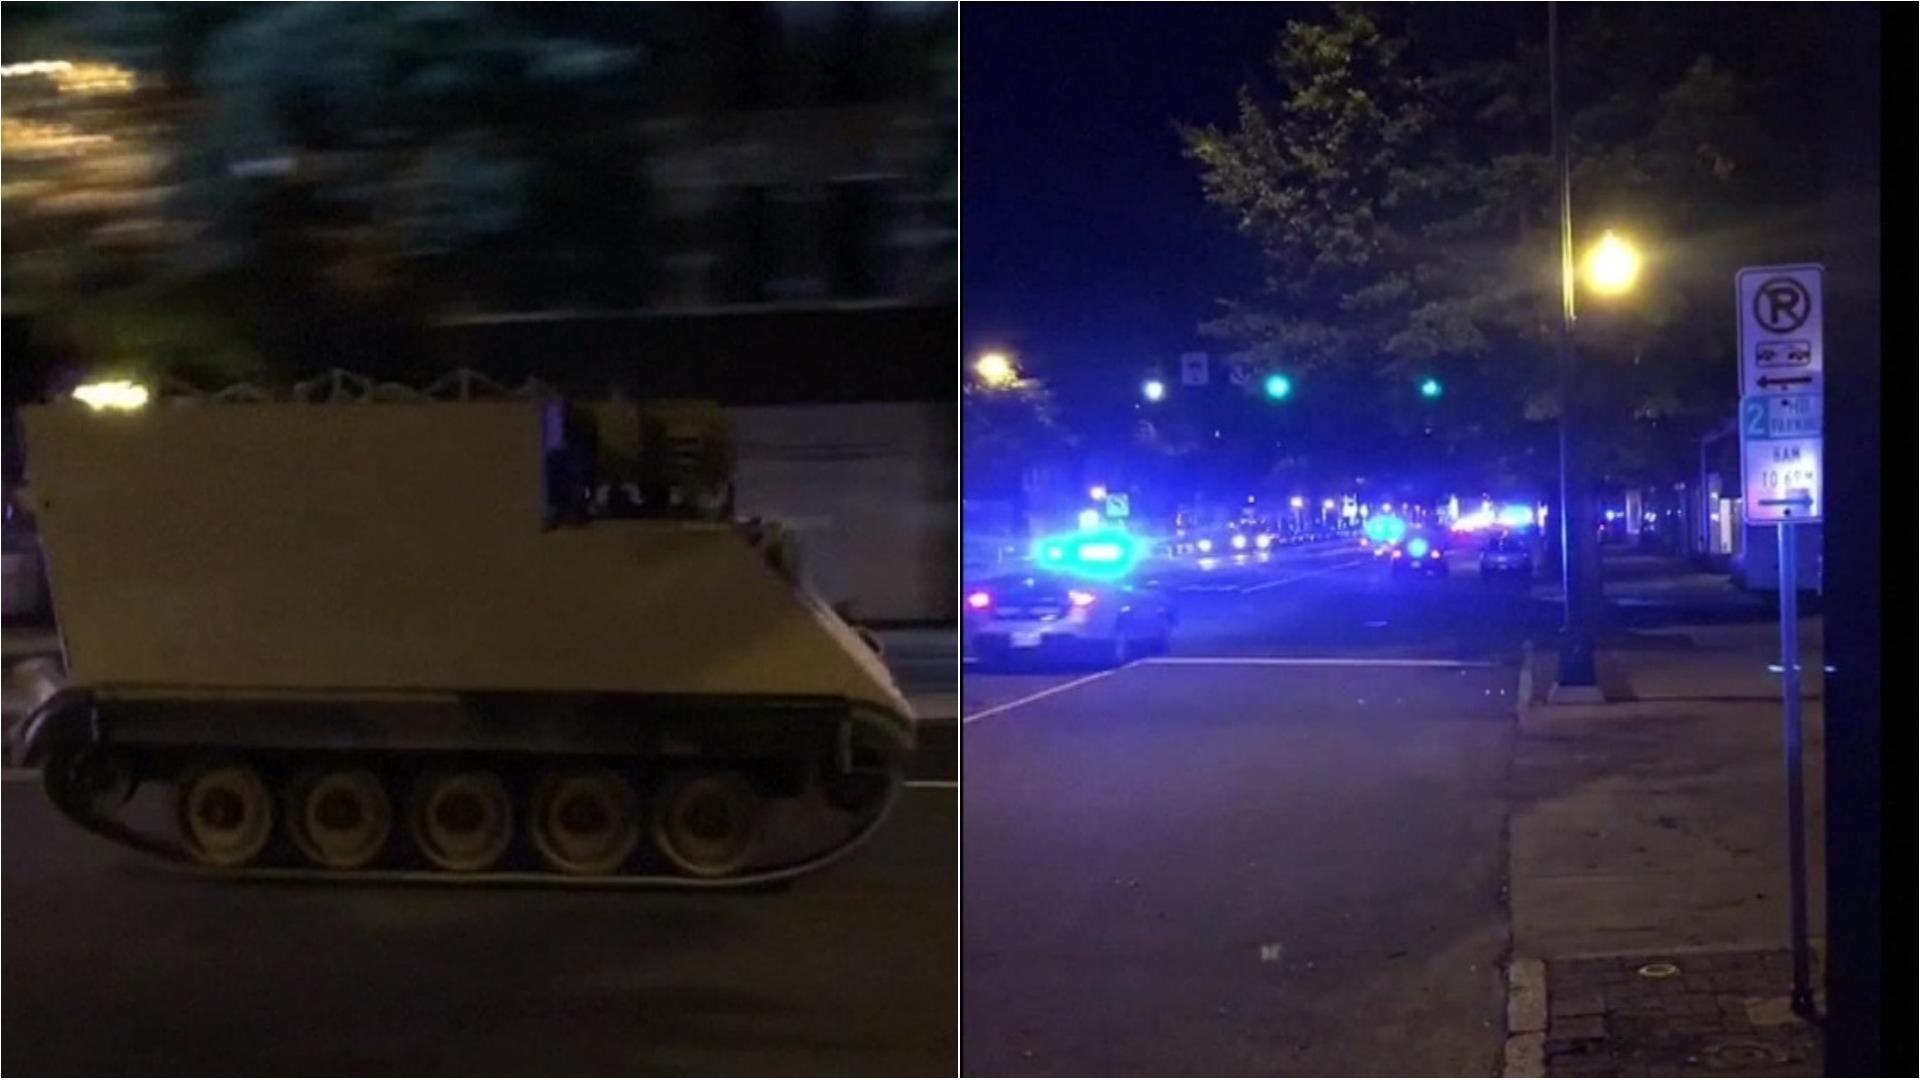 El vehículo APC (Armoured Personnel Carrier) está diseñado para llevar a la infantería al campo de batalla).